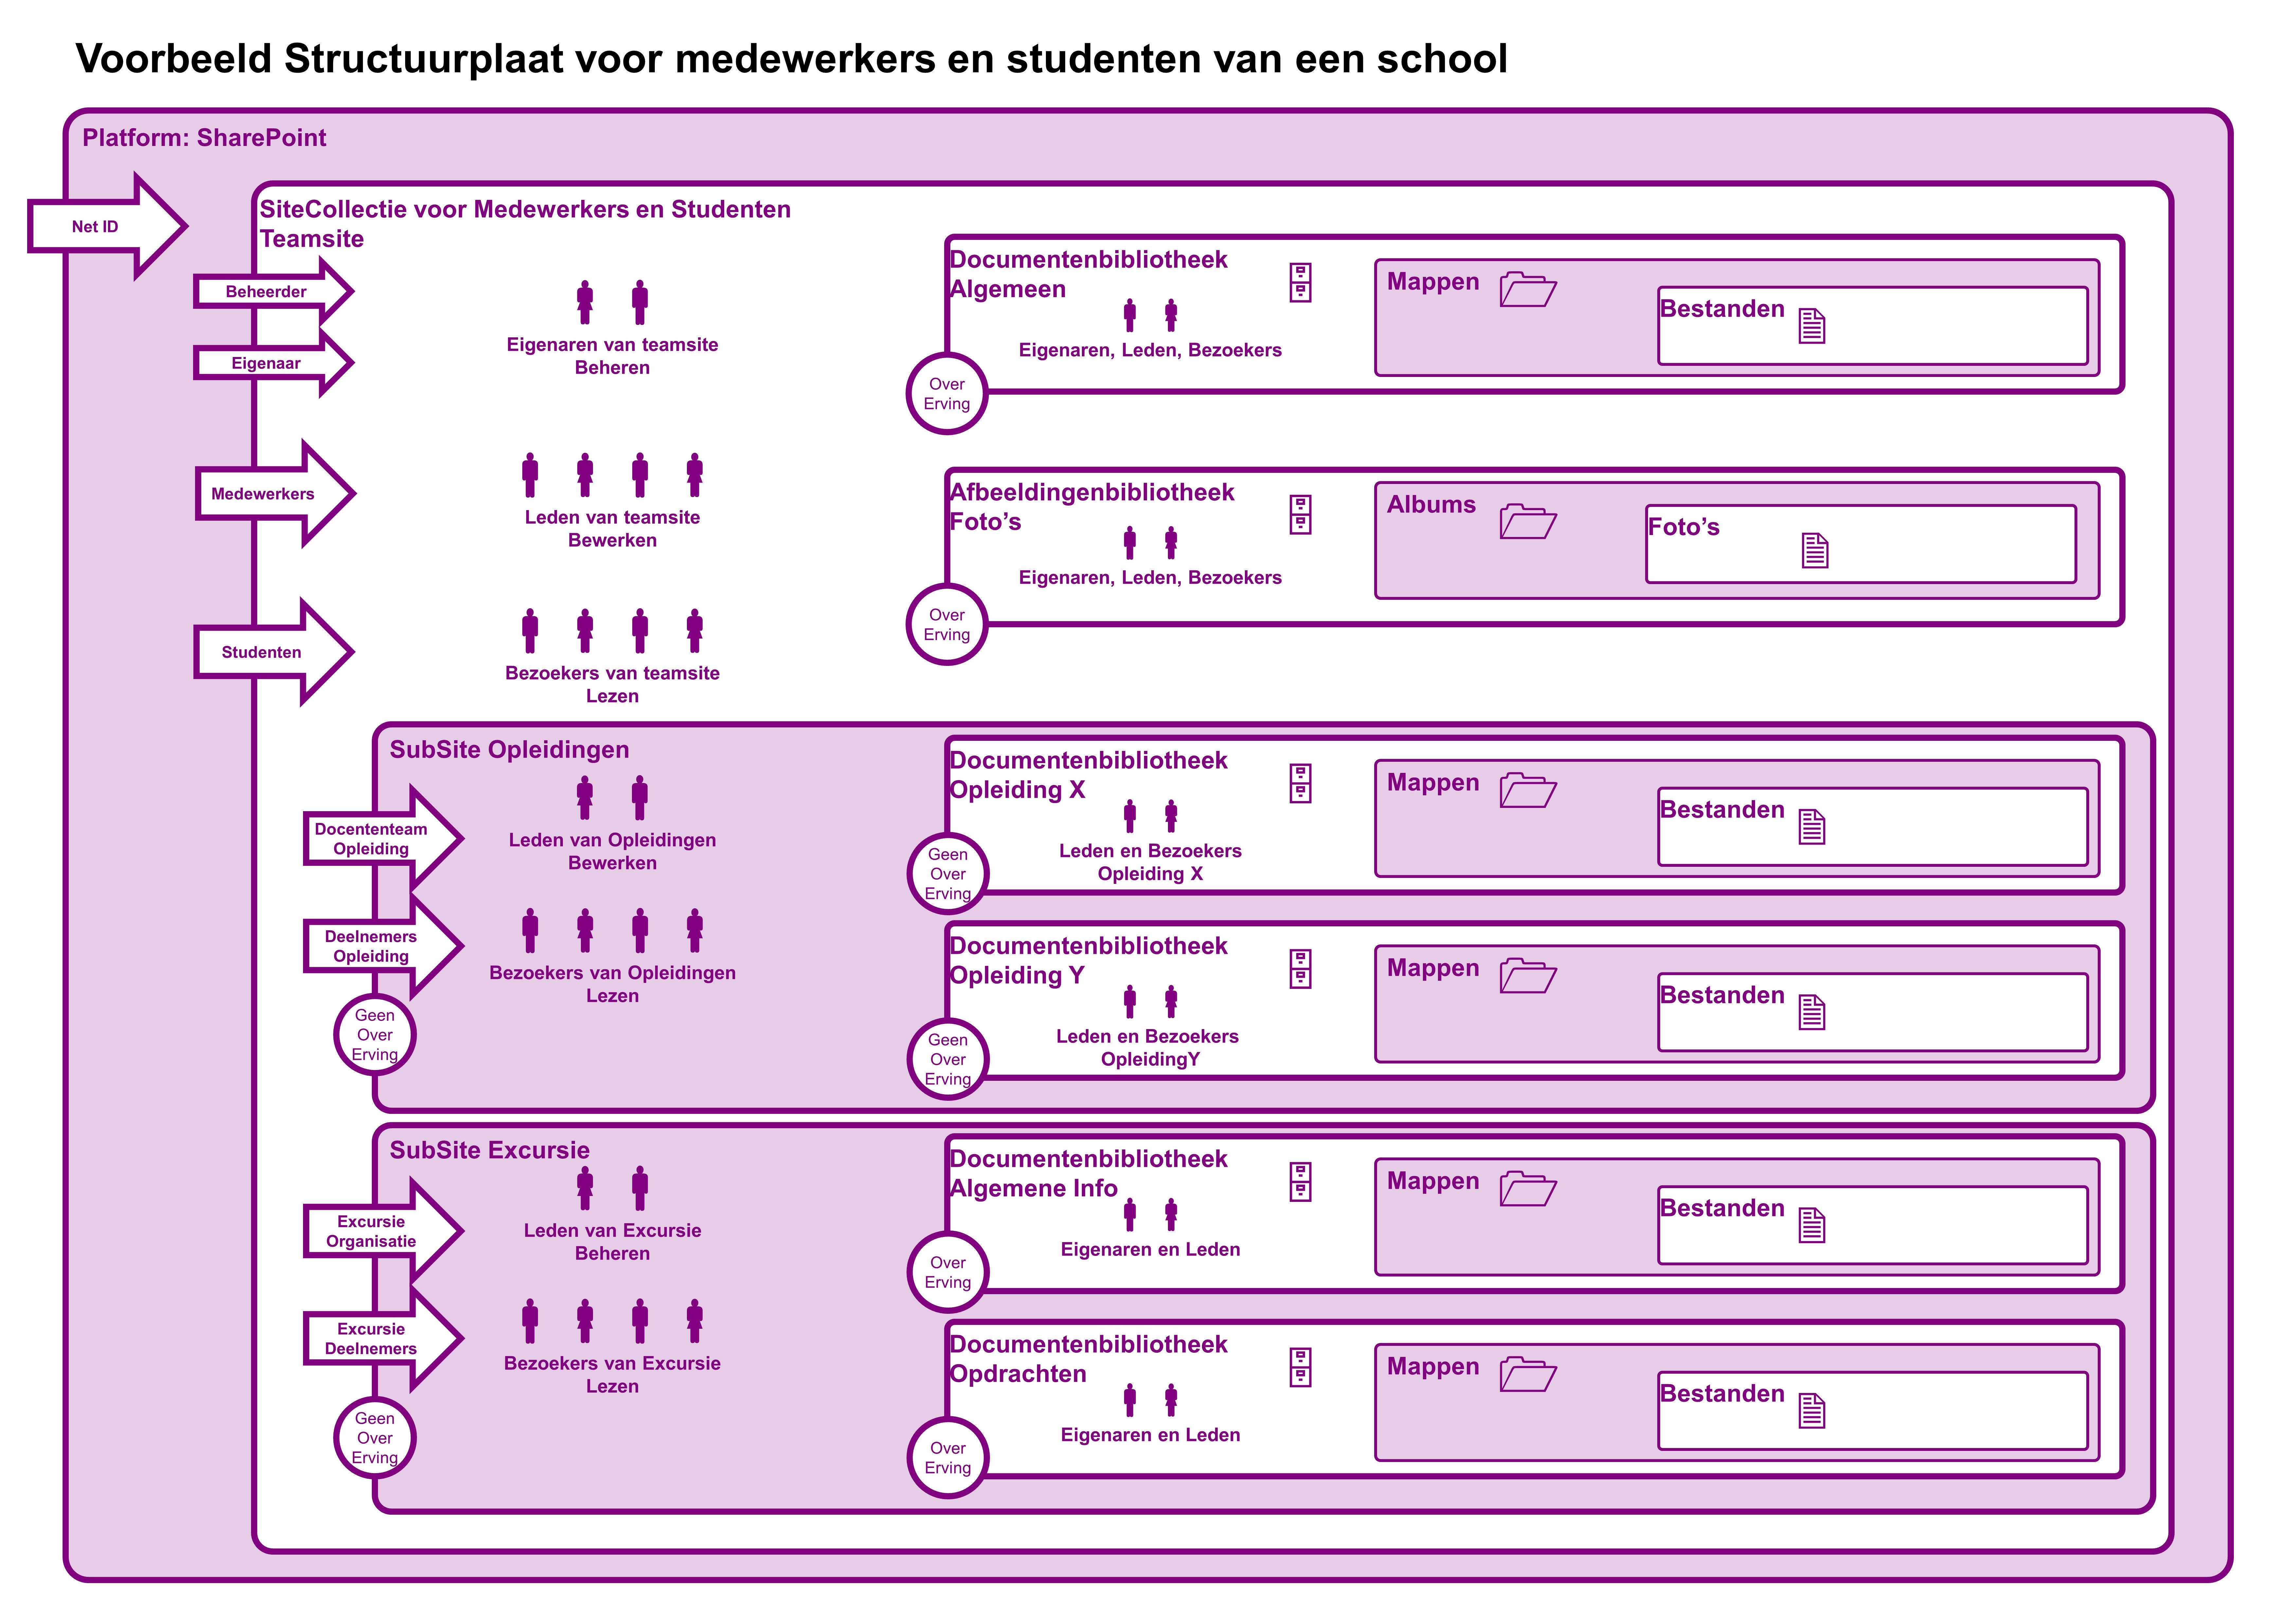 SharePoint SiteCollectieOntwerp Medewerkers en Studenten School